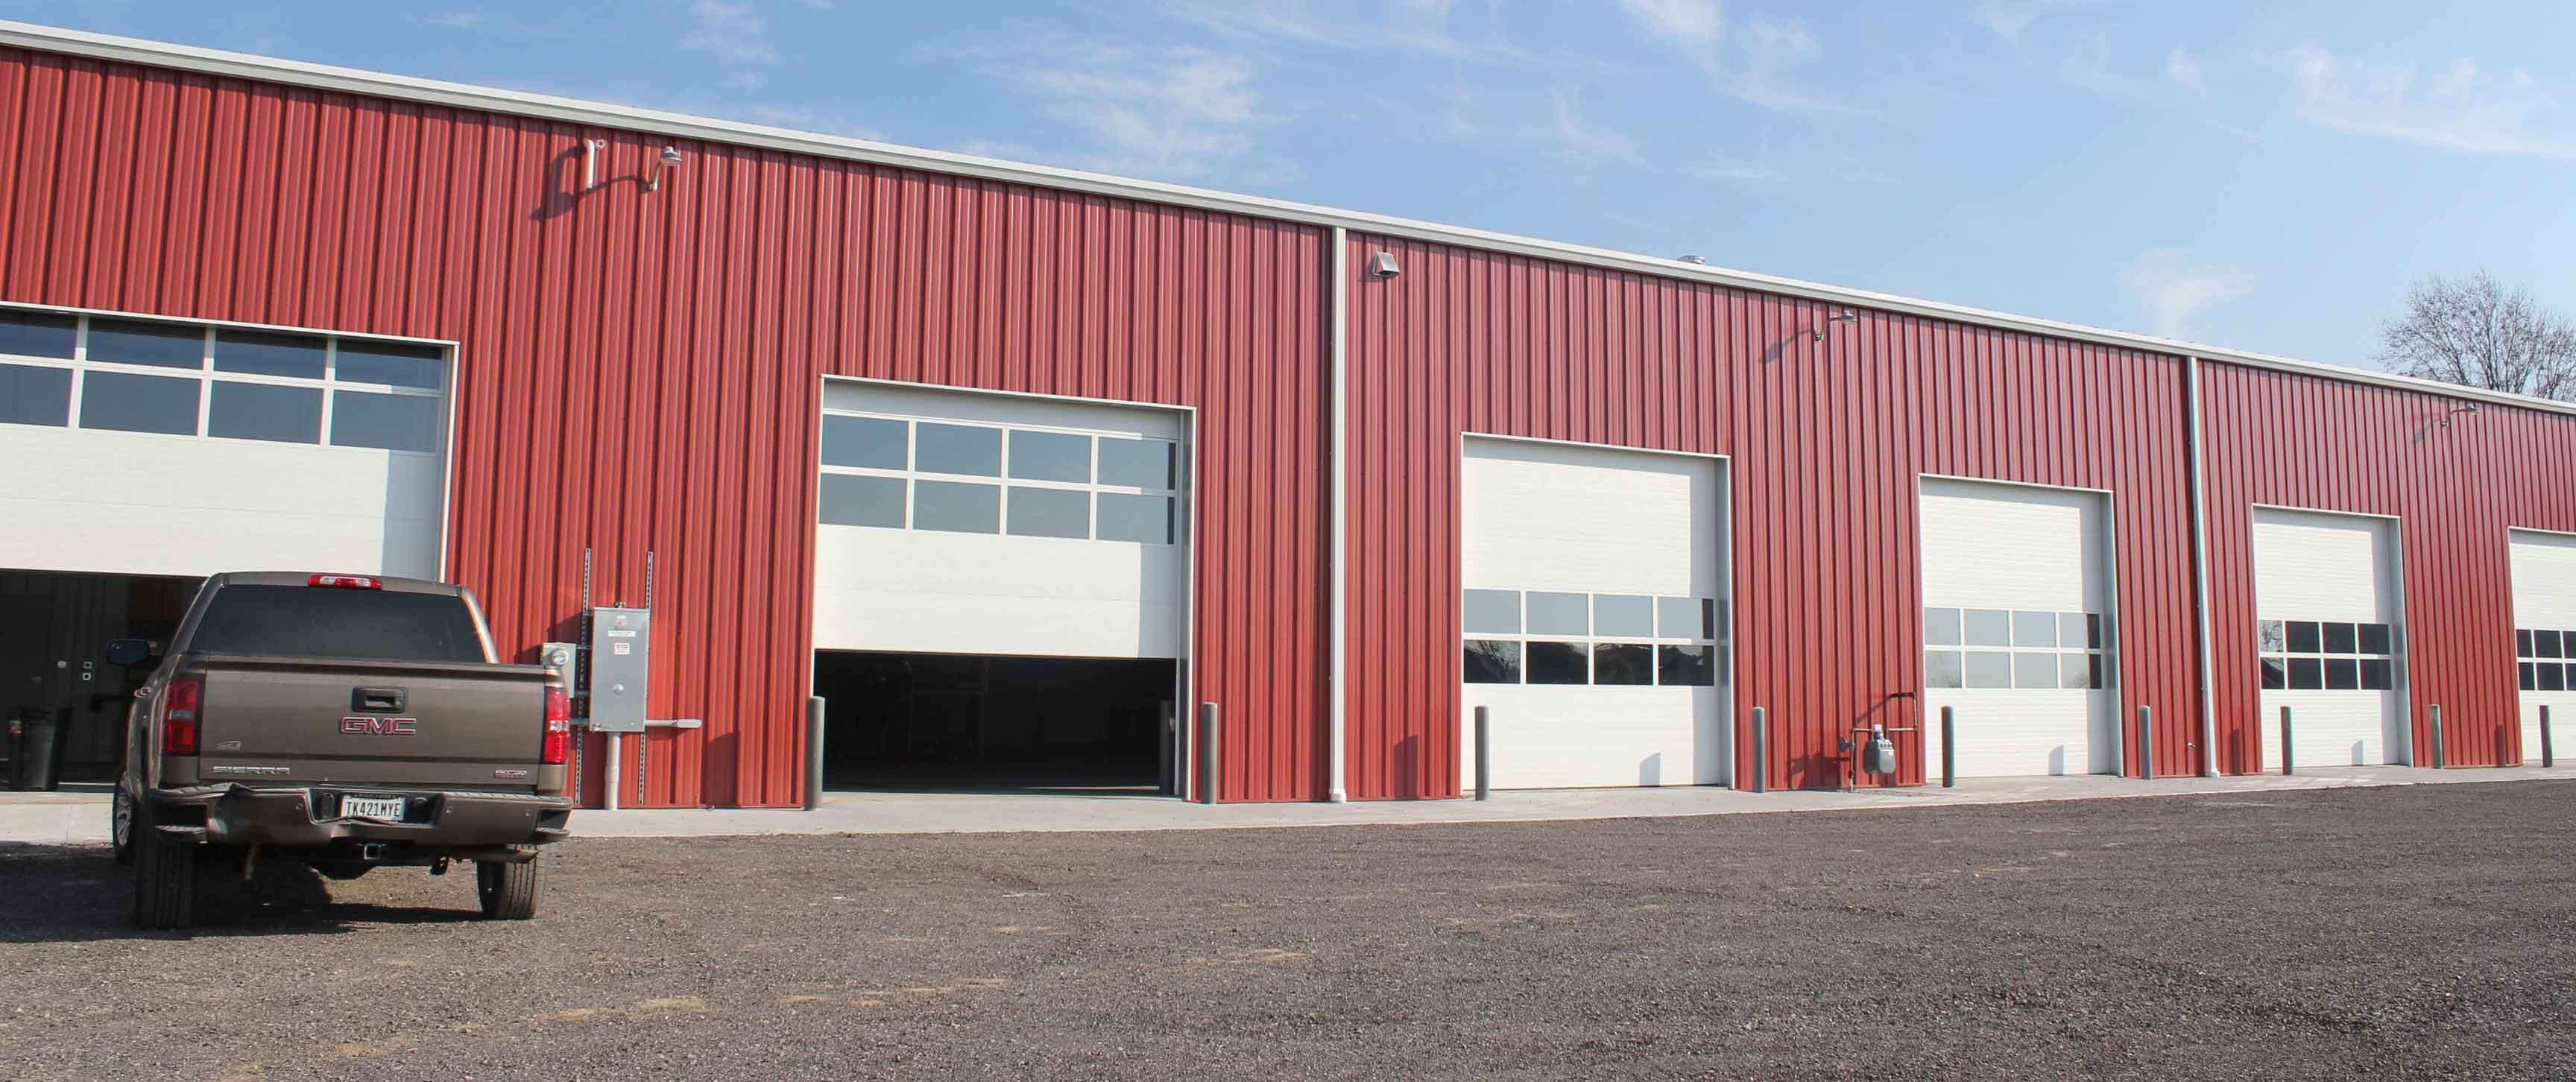 Shipshewana RV Service Center